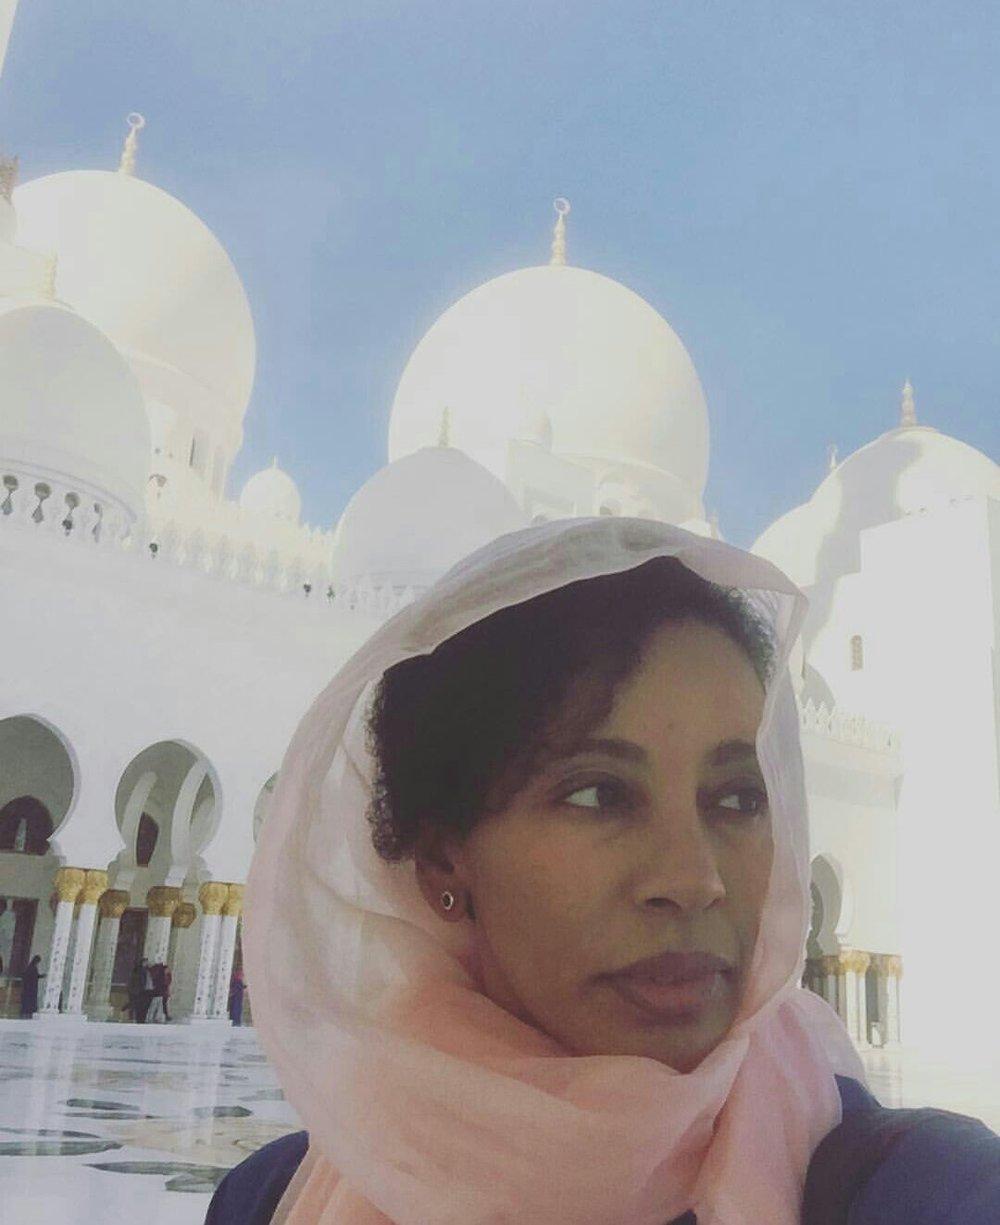 Lenny in Abu Dhabi